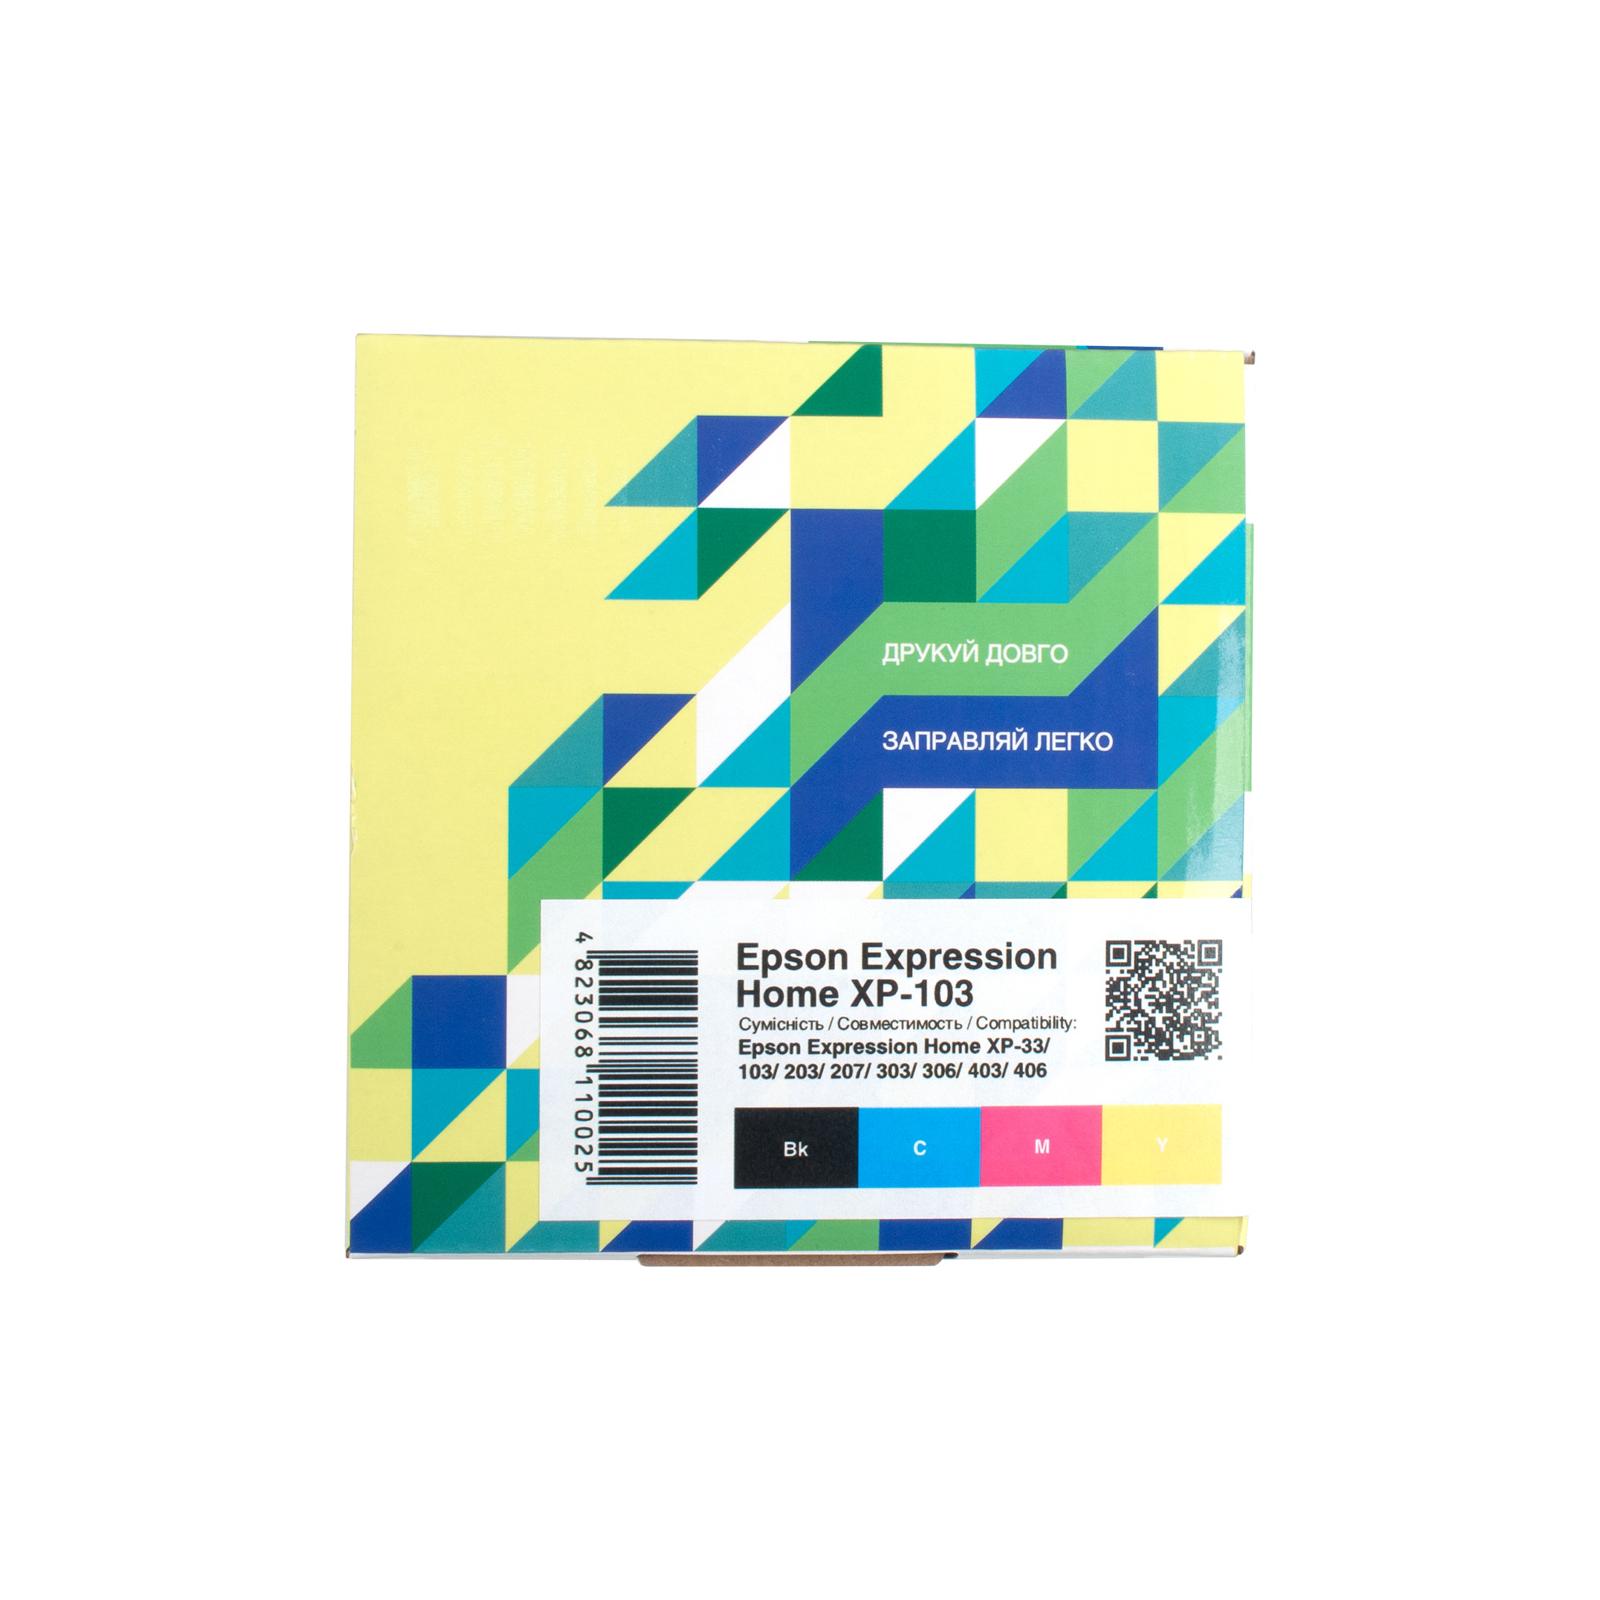 Комплект перезаправляемых картриджей PATRON Epson XP-33/103/203/207/303/306/403/406 (CIR-PN-ET170-054) изображение 3